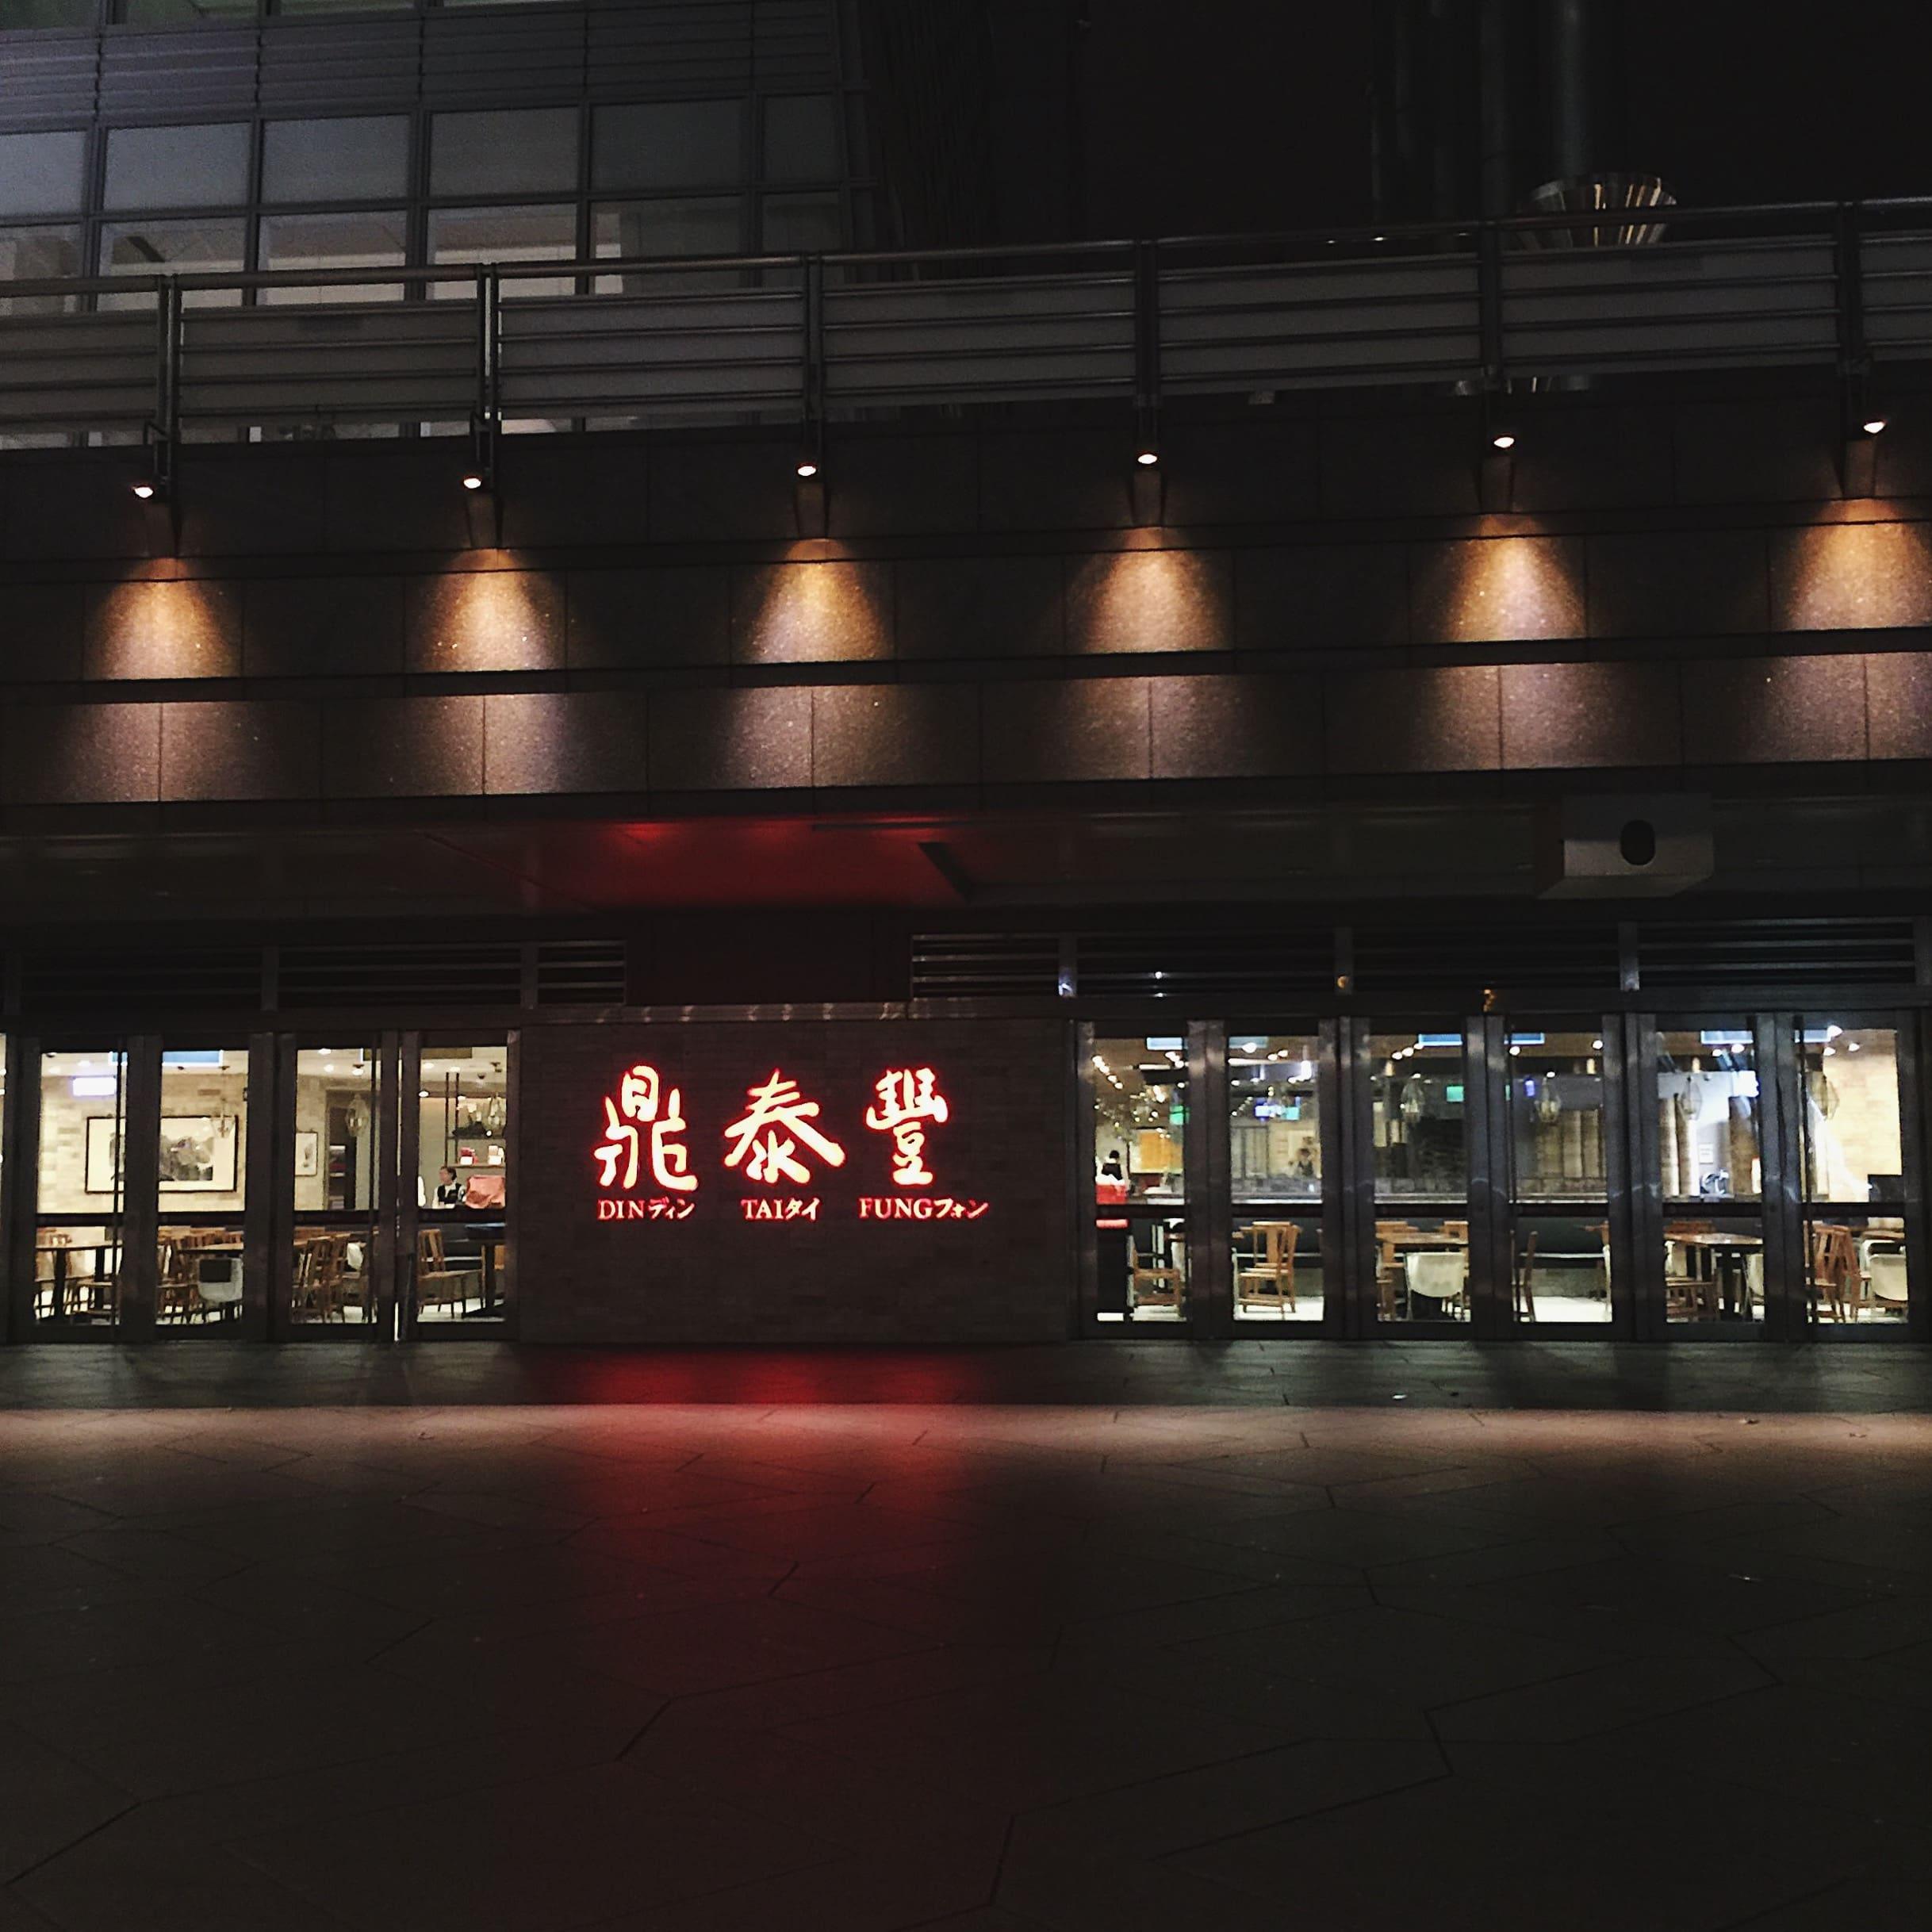 nhà hàng ding tai fung rất nổi tiếng trong các địa điểm du lịch ở đài bắc